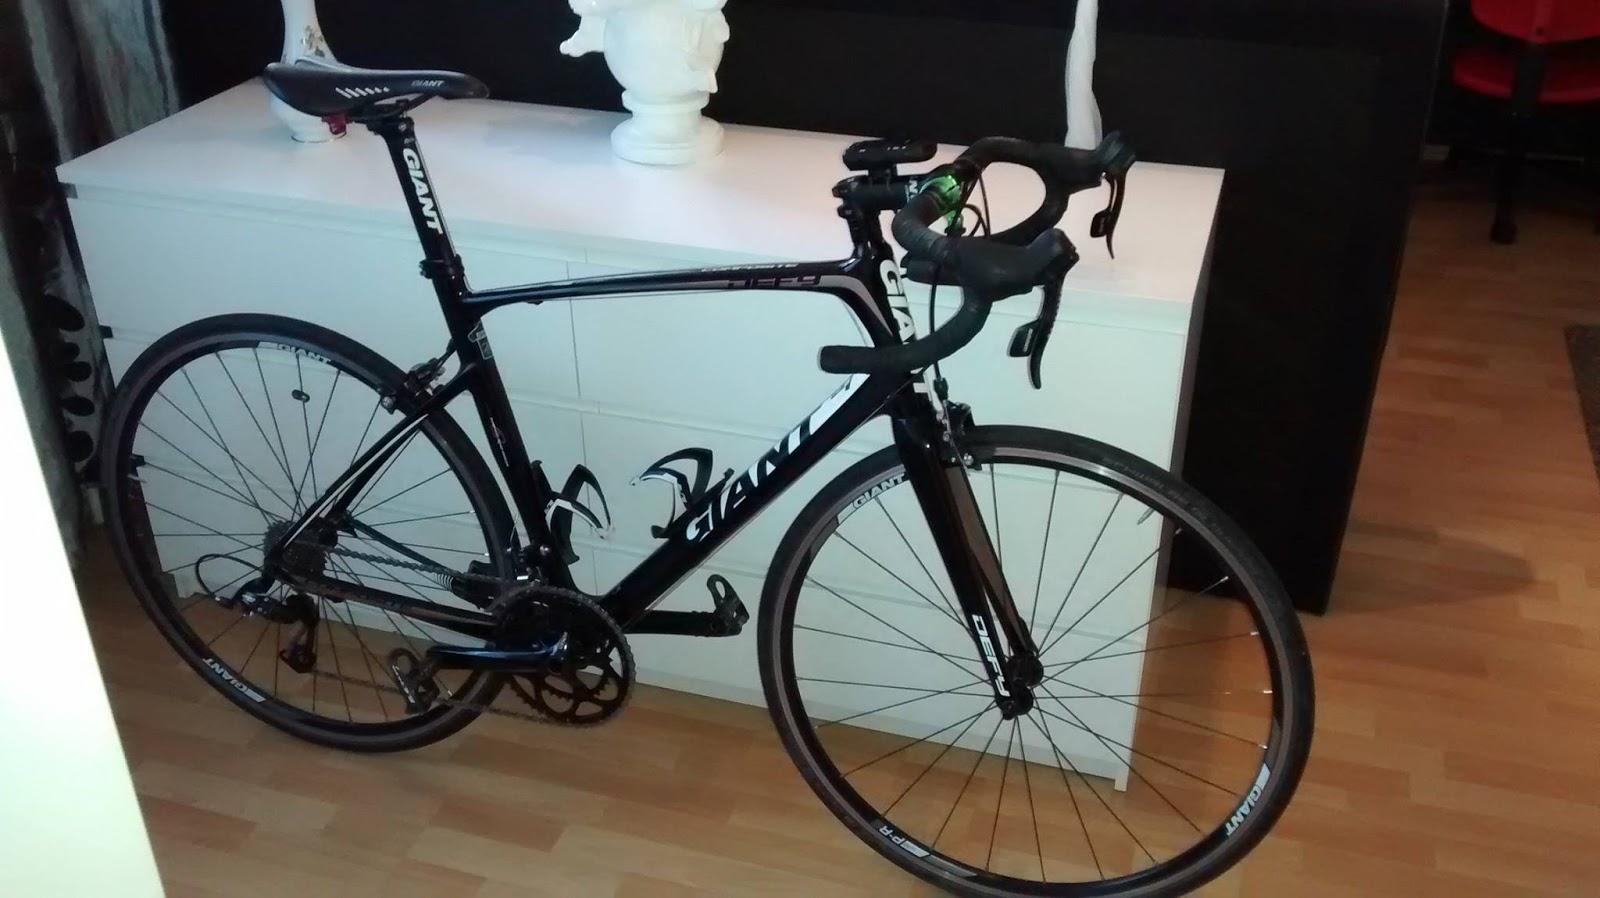 Nikkls bike blog ronnys giant defy 1 - Fensterglas austauschen rahmen behalten ...